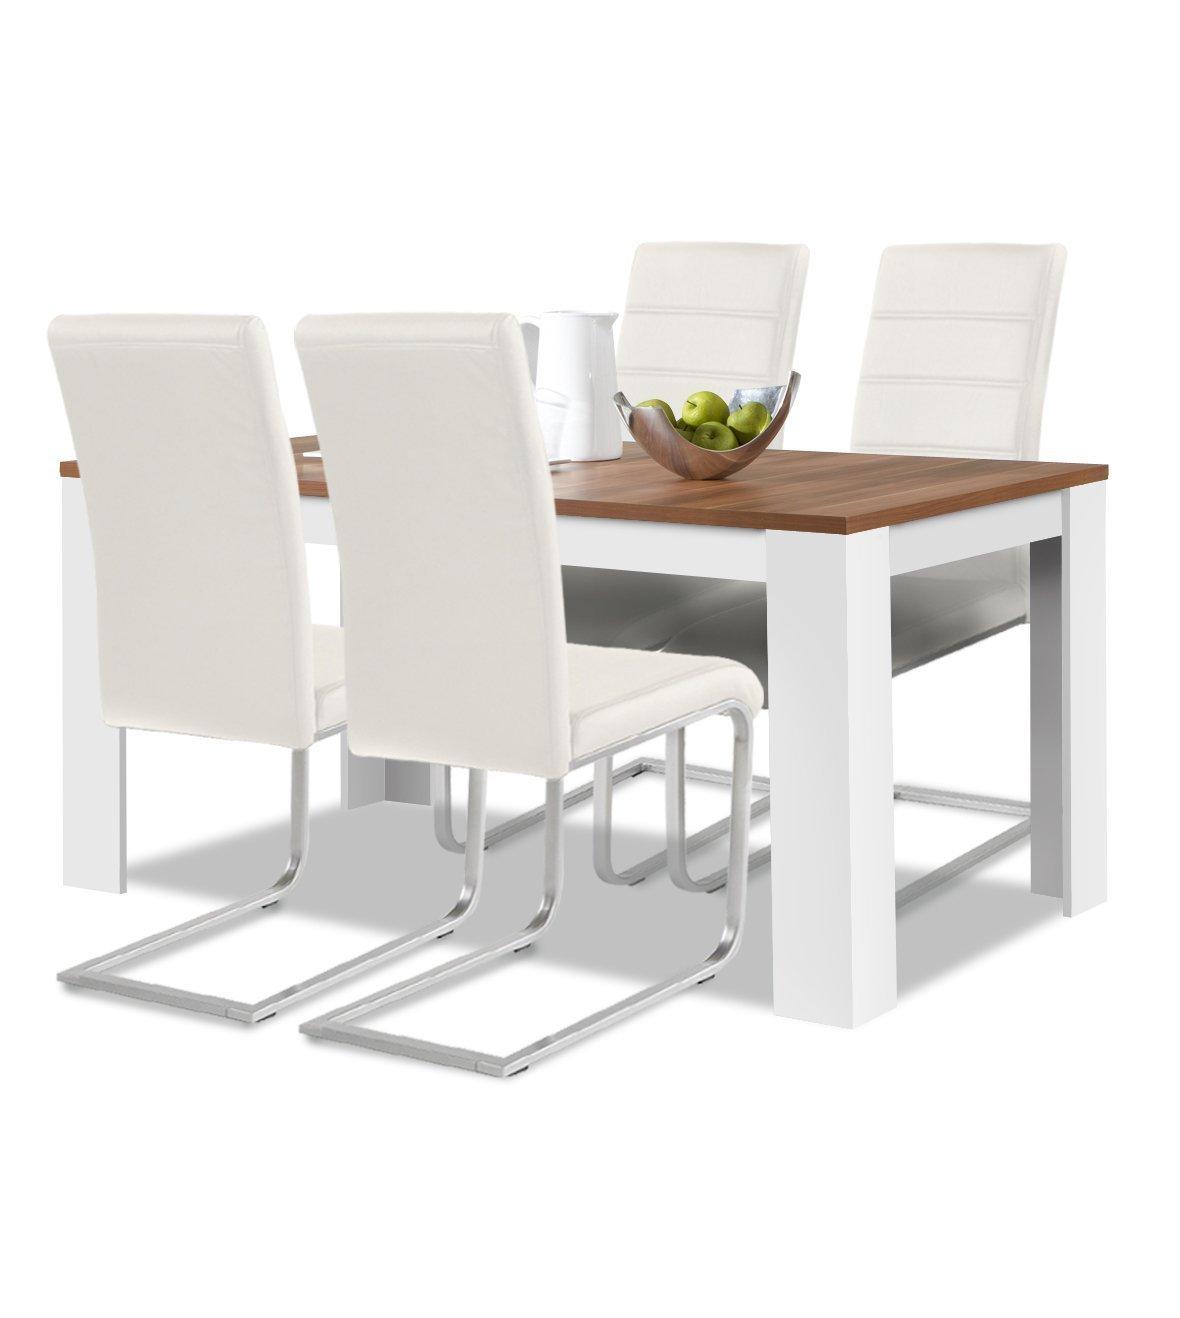 Agionda® Esstisch + Stuhlset   1 x Esstisch Toledo Nussbaum Weißs 140 x 90 + 4 Freischwinger Weißs